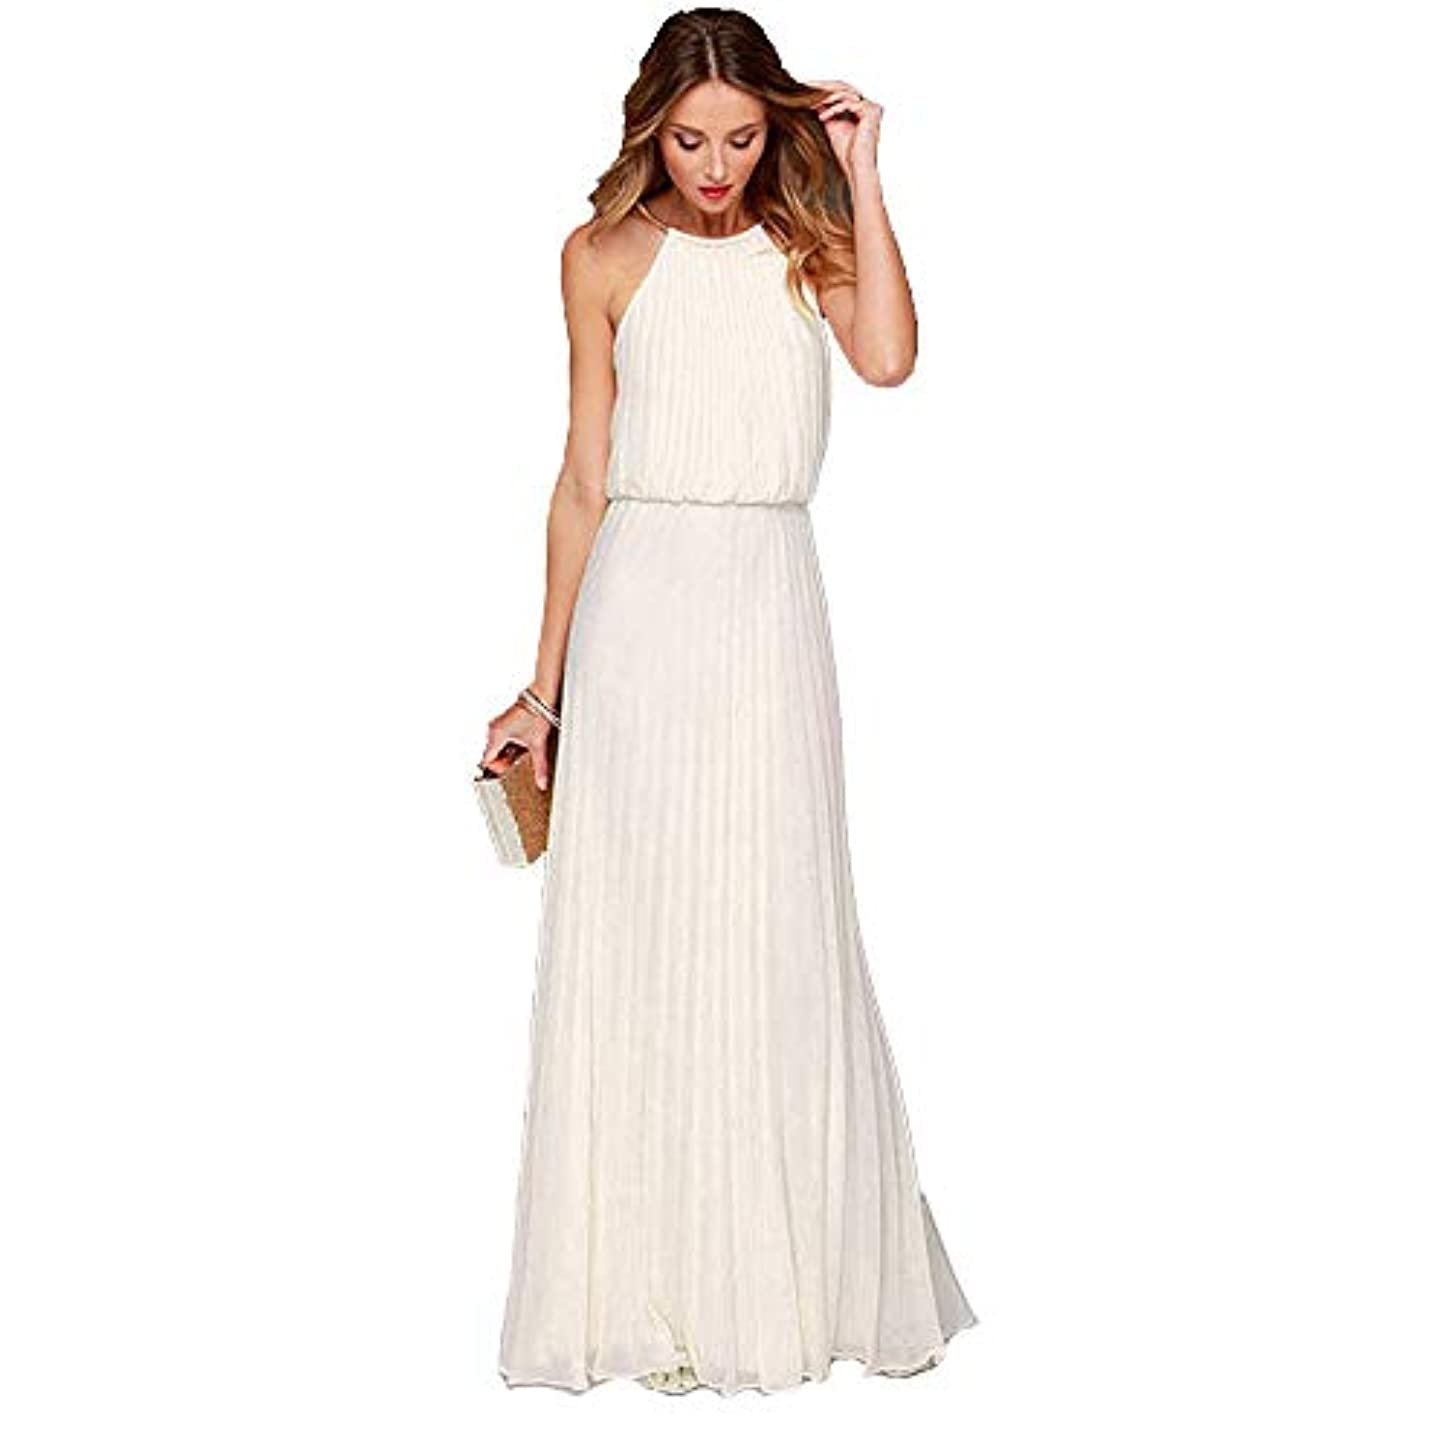 浮くフィット塩MIFANロングドレス、セクシーなドレス、エレガント、女性のファッション、ノースリーブのドレス、ファッションドレス、ニット、スリム